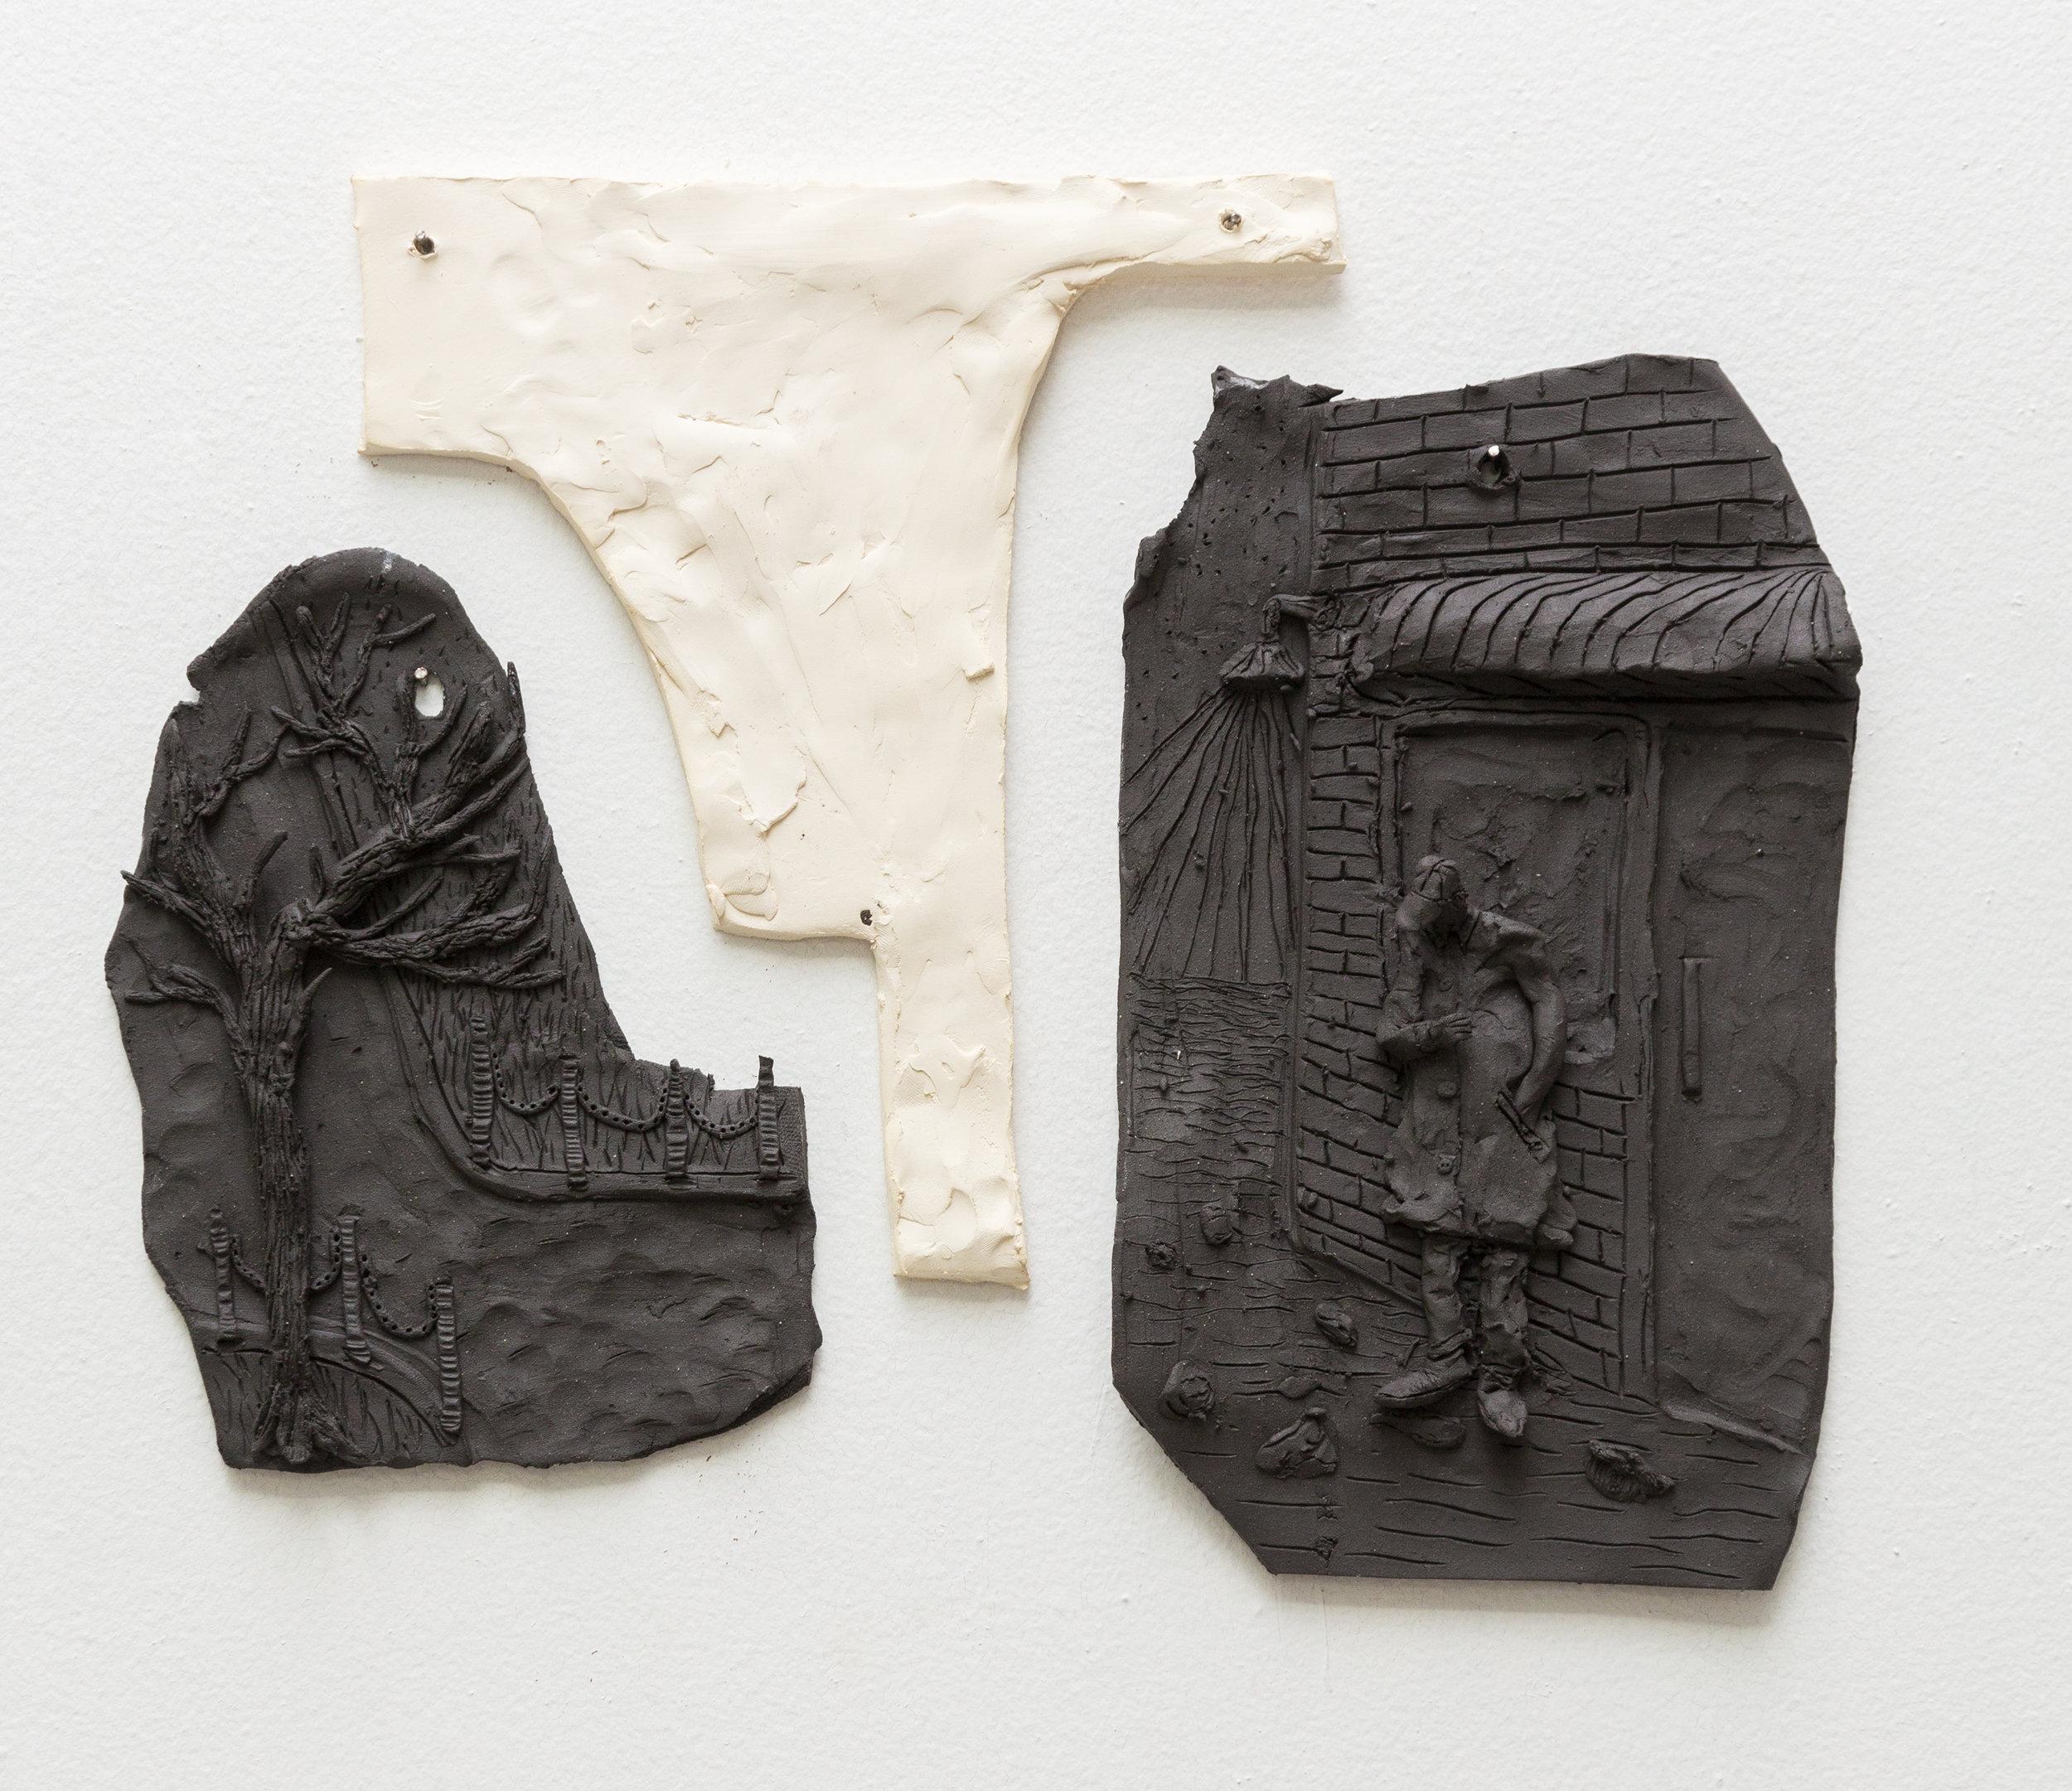 Tom Forkin, ST7,  2017,unglazed ceramic,13 x 16 x 1.5 in